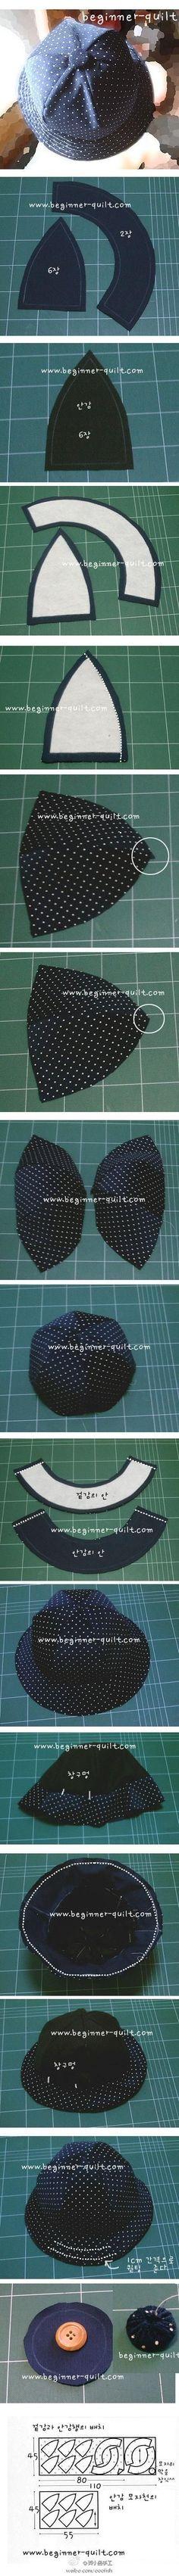 DIY Hats : DIY hat: